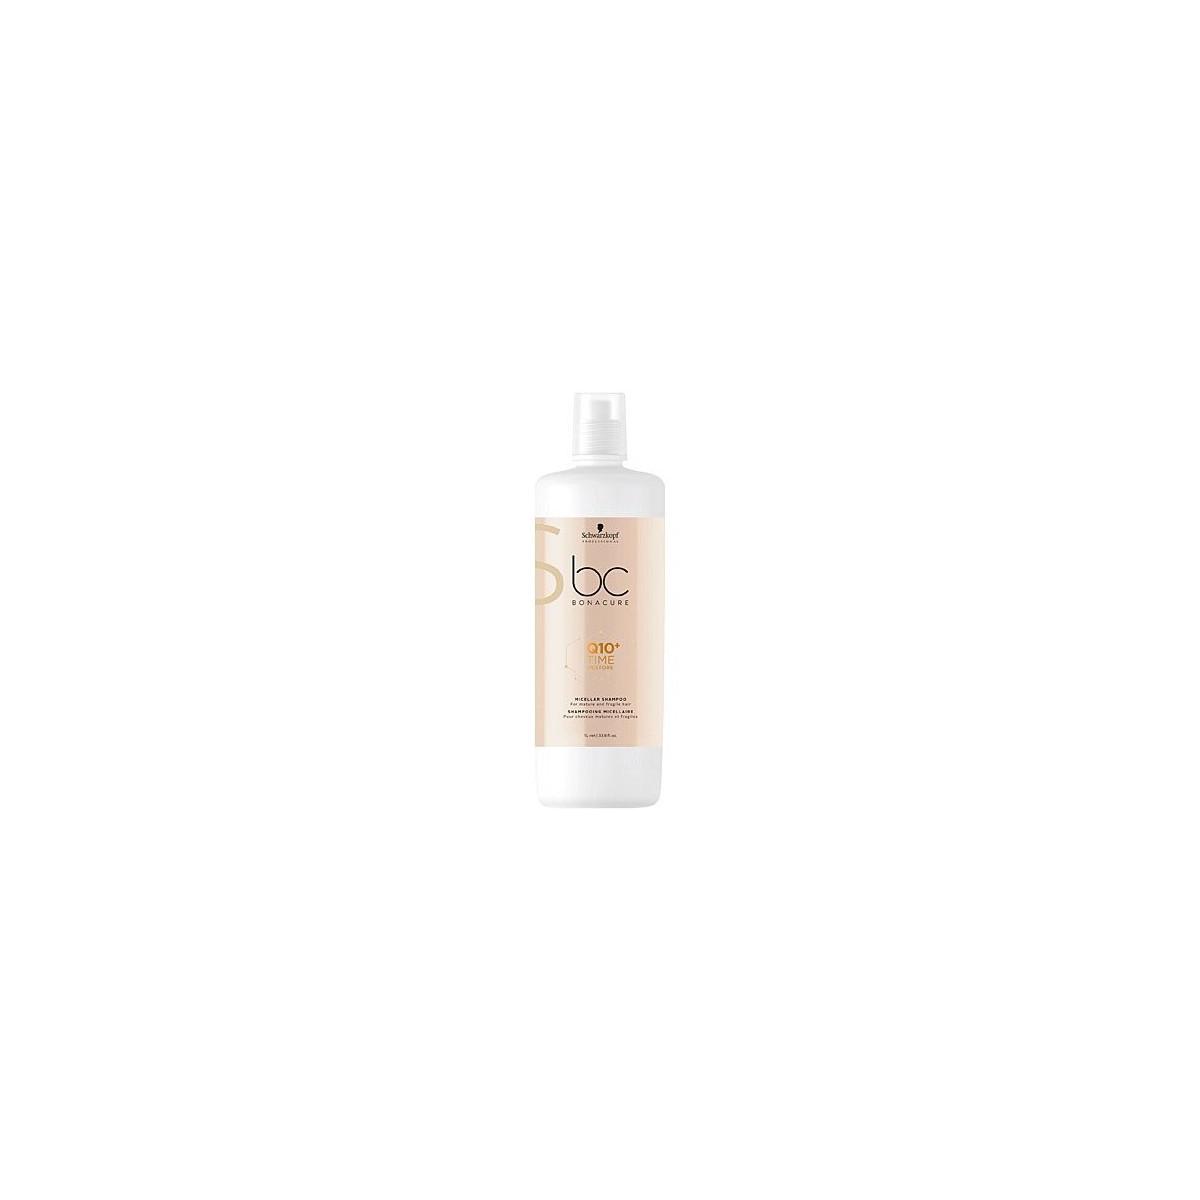 Schwarzkopf BC Q10+ Time Restore, szampon odmładzający włosy 1000ml